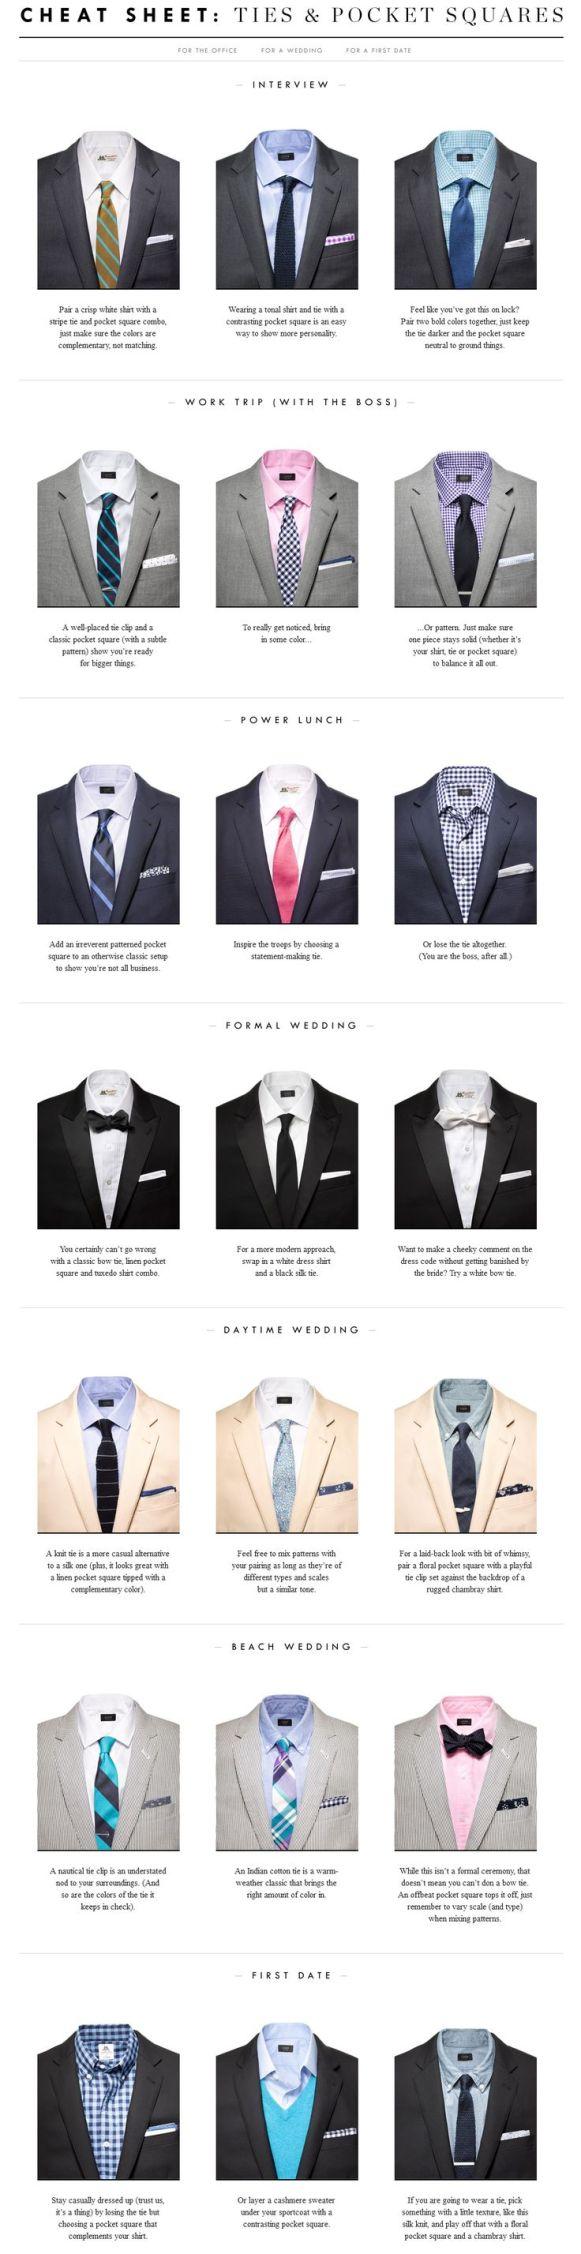 assortir chemise, cravate et pochette